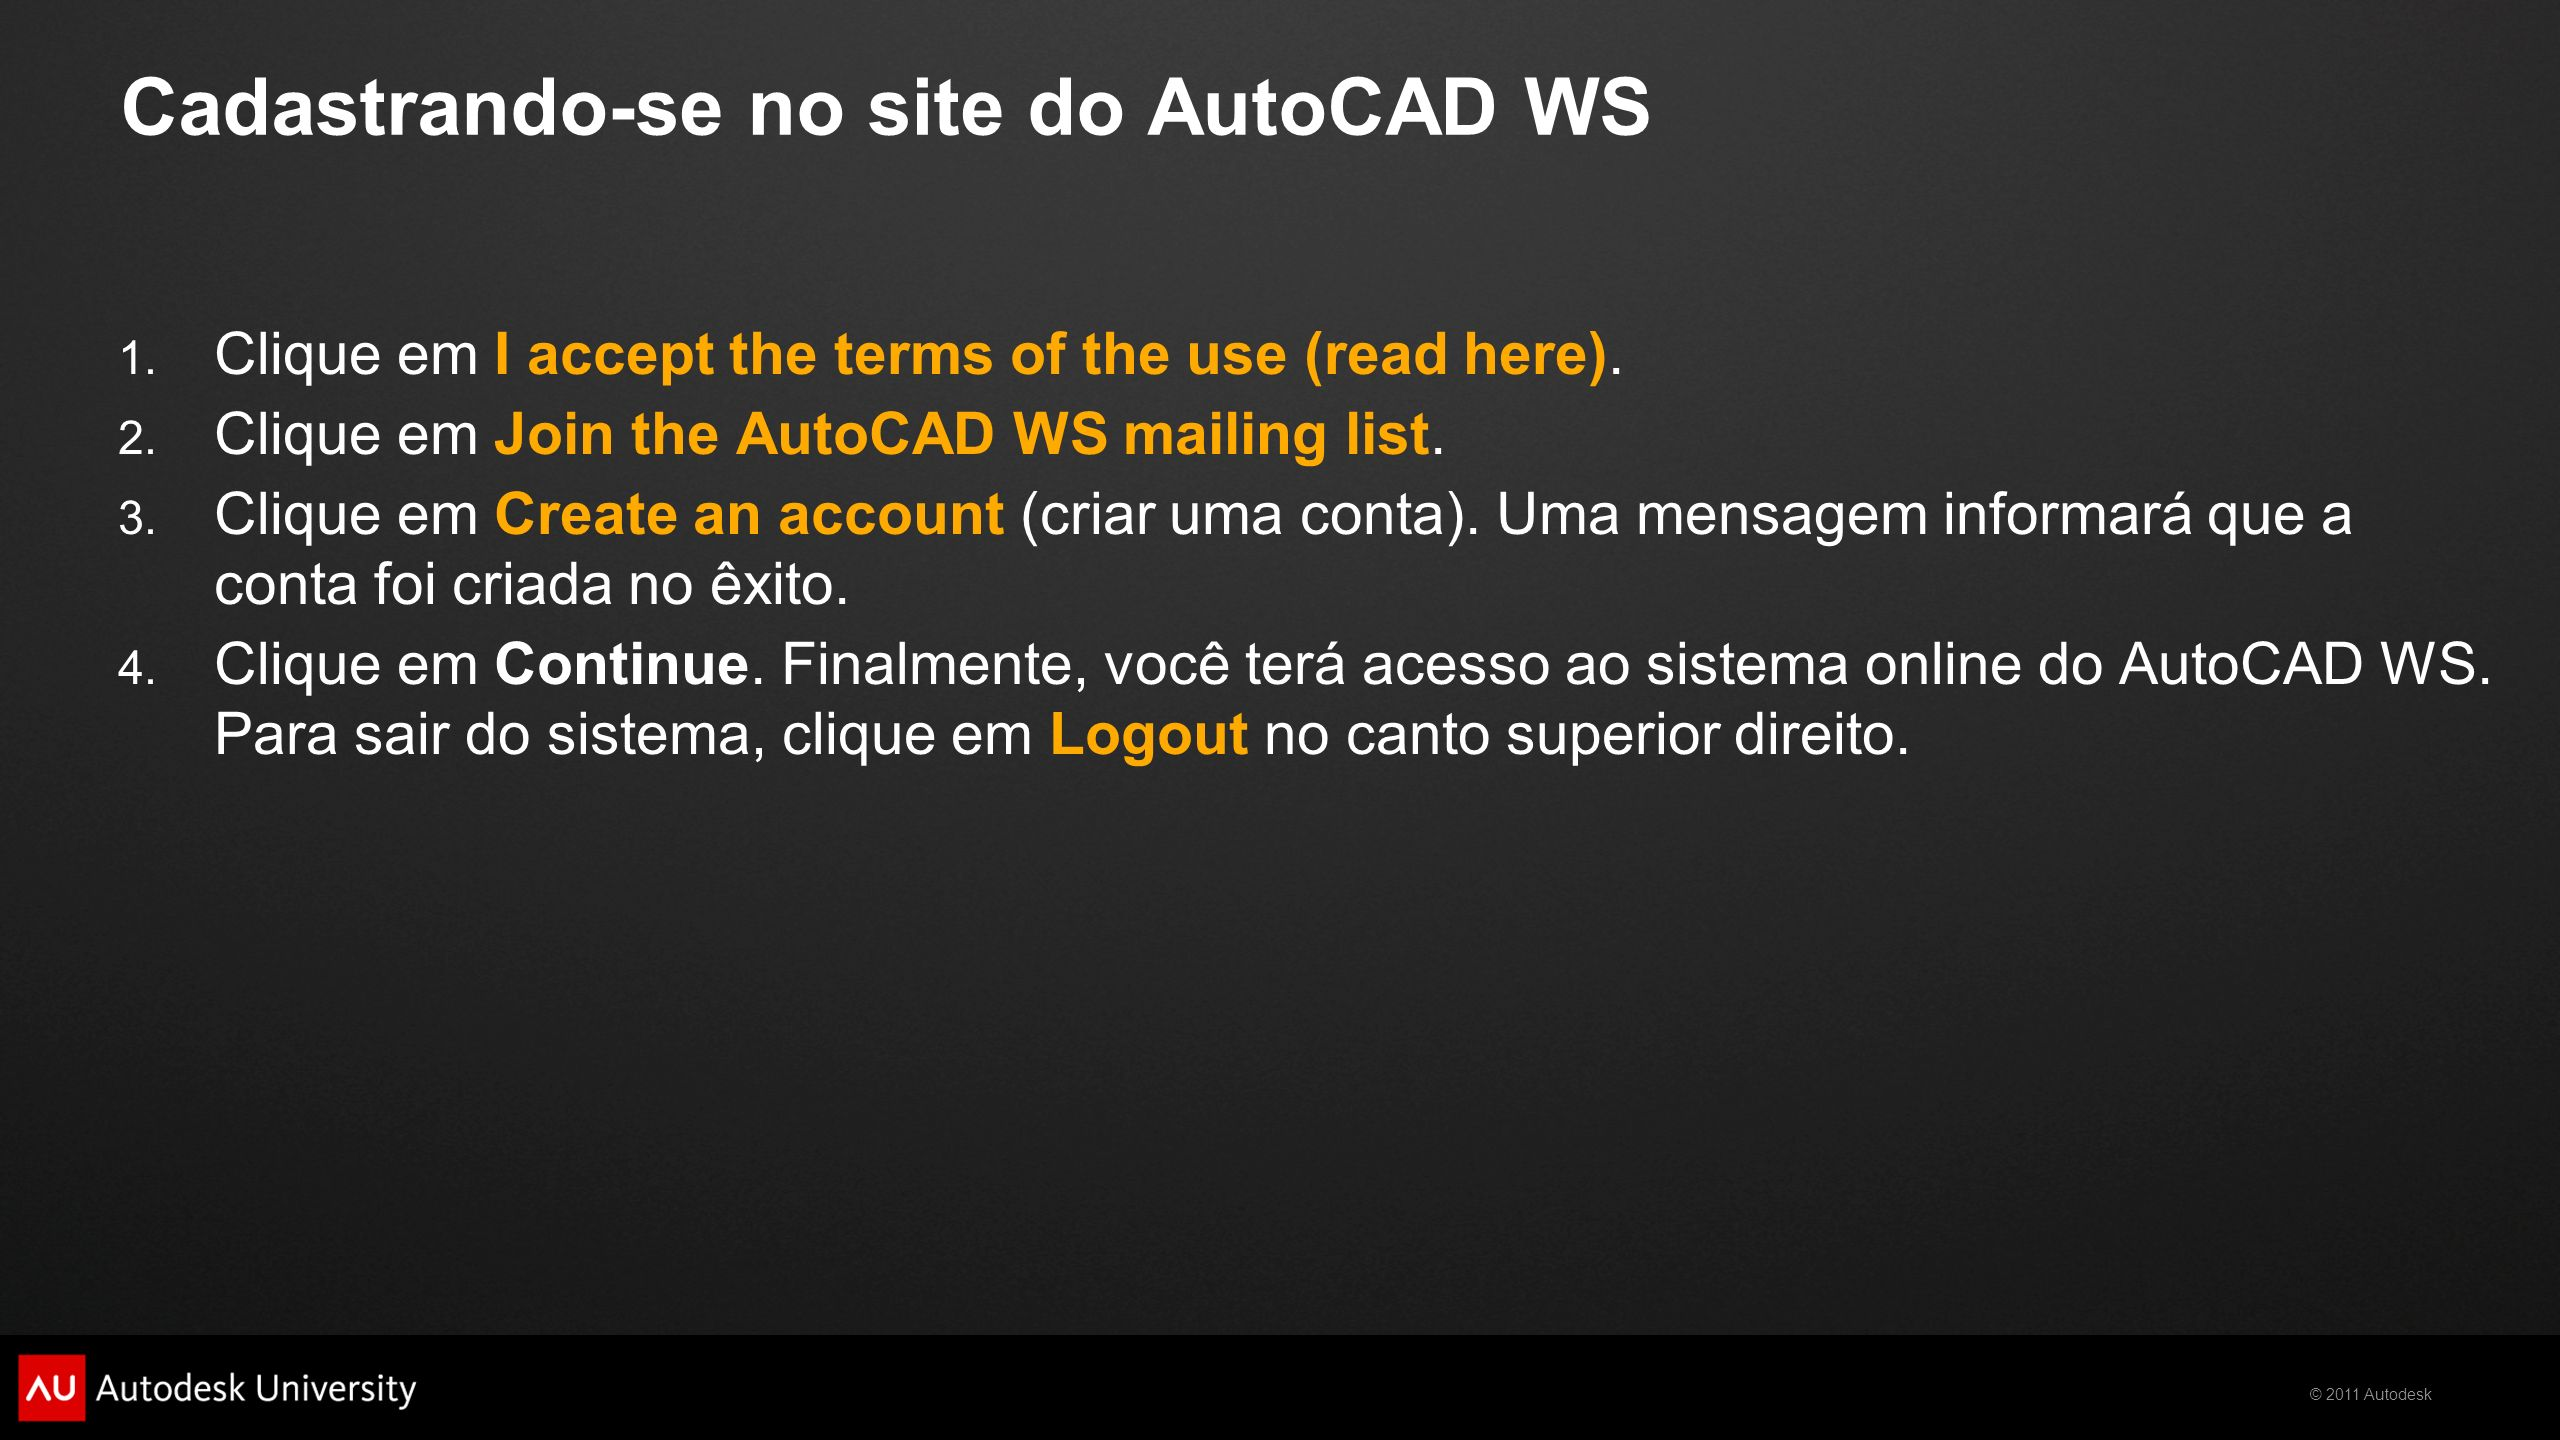 © 2011 Autodesk Cadastrando-se no site do AutoCAD WS 1. Clique em I accept the terms of the use (read here). 2. Clique em Join the AutoCAD WS mailing